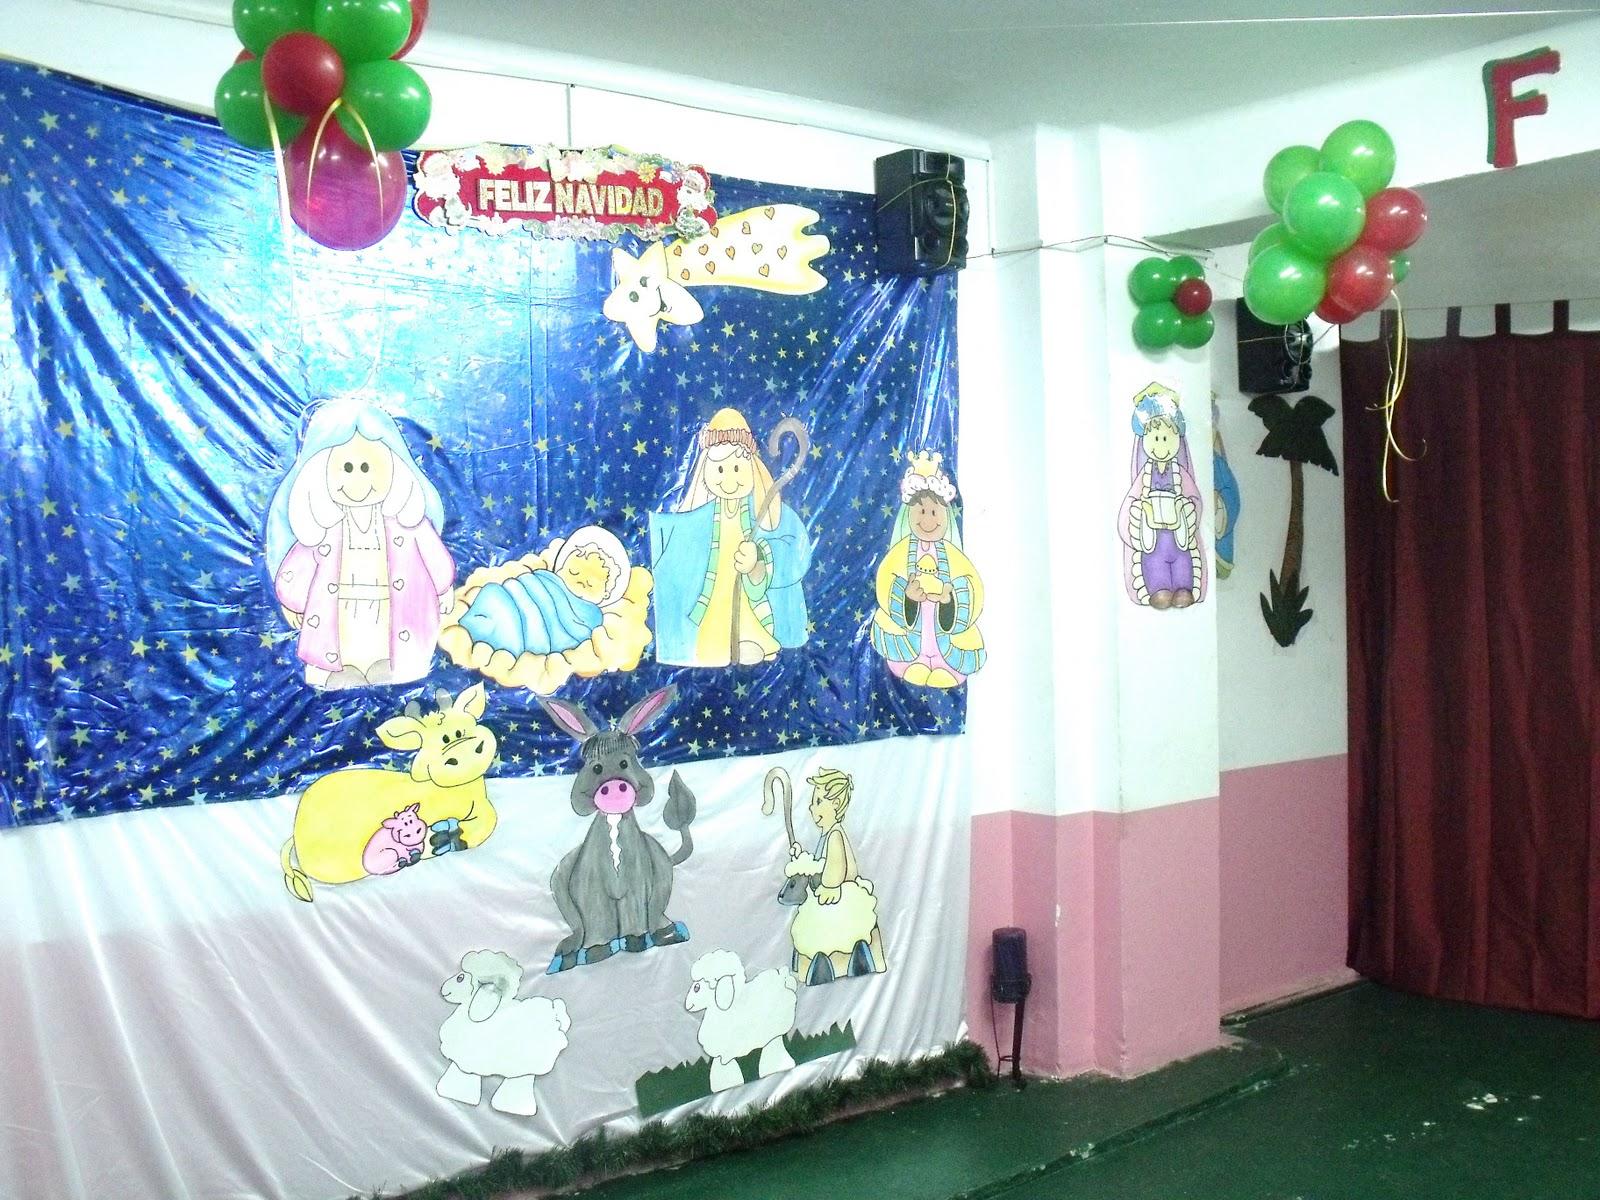 Asociacion de peruanos en galicia vigo espa a gran for Mural navideno